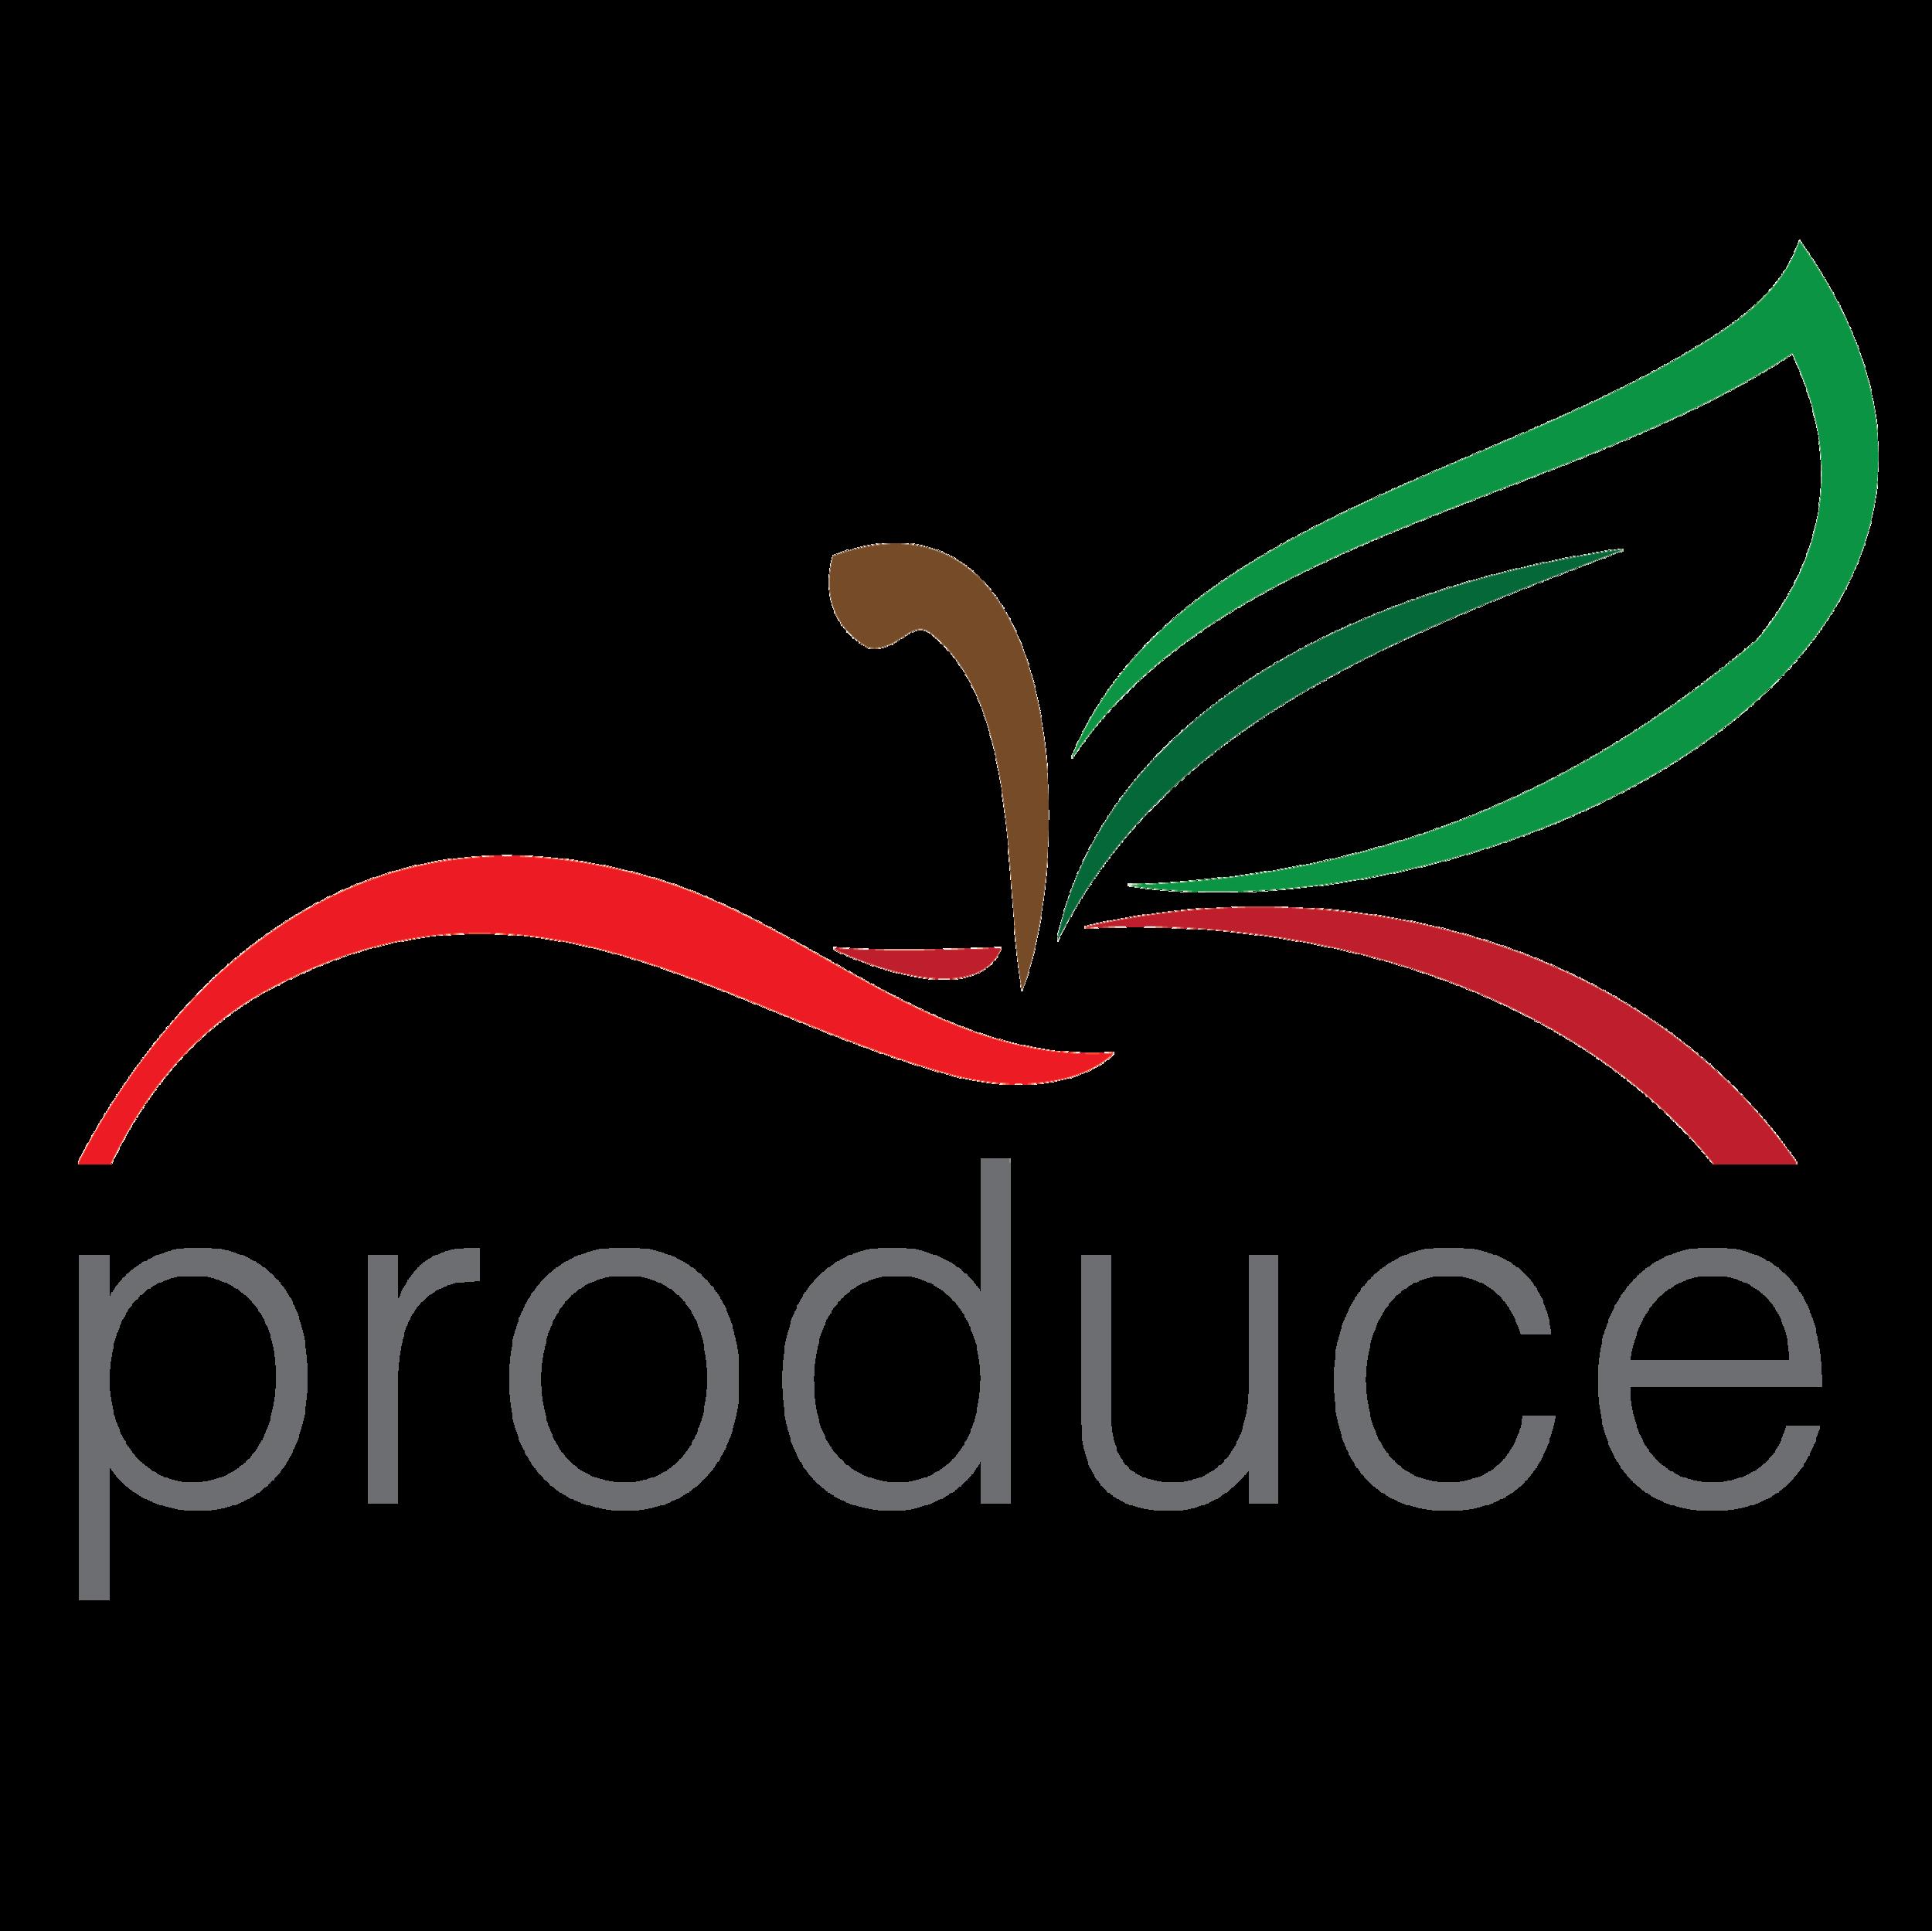 Produce Monroe